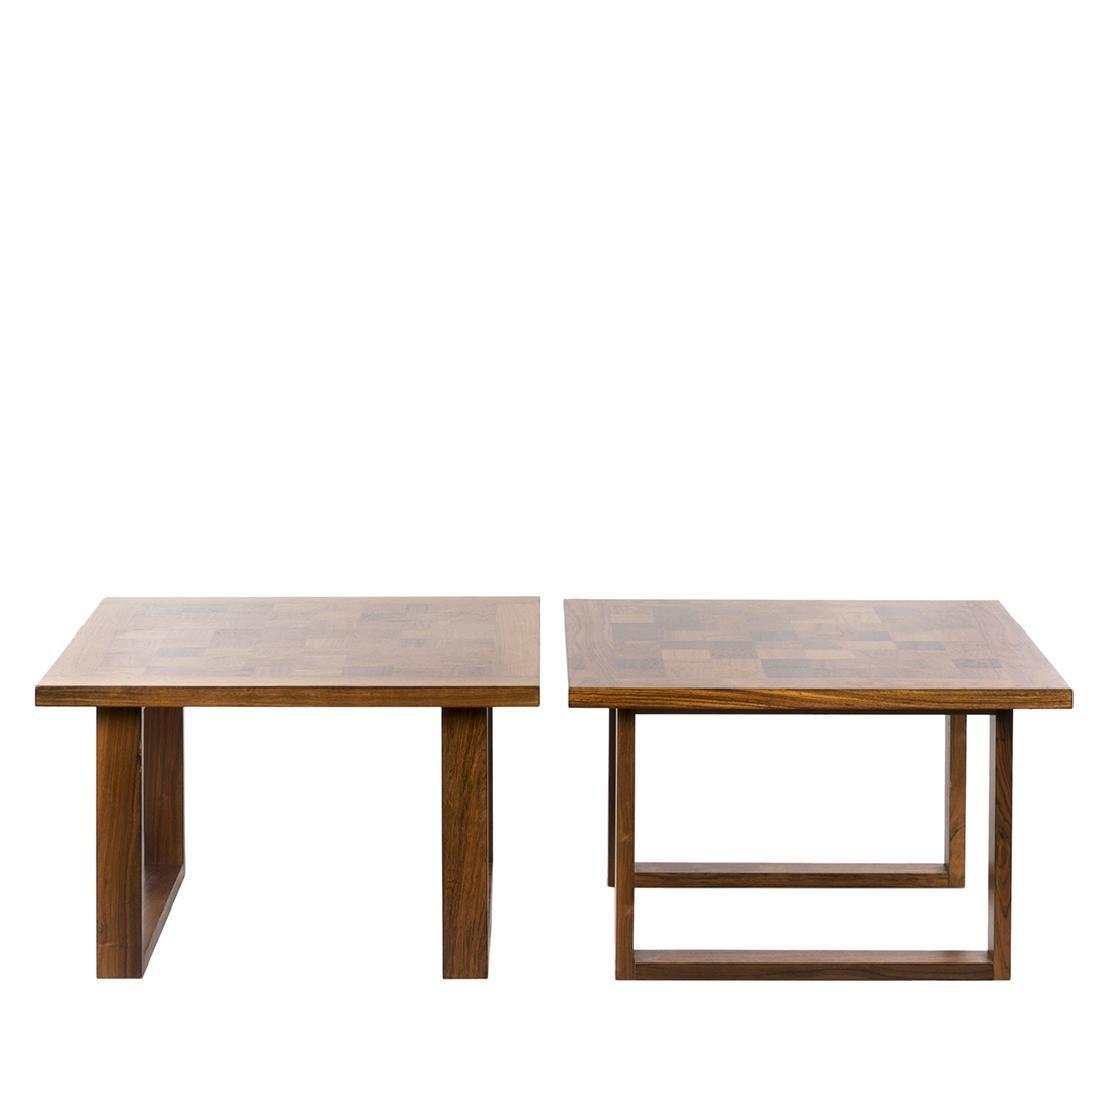 Poul Cadovius Tables